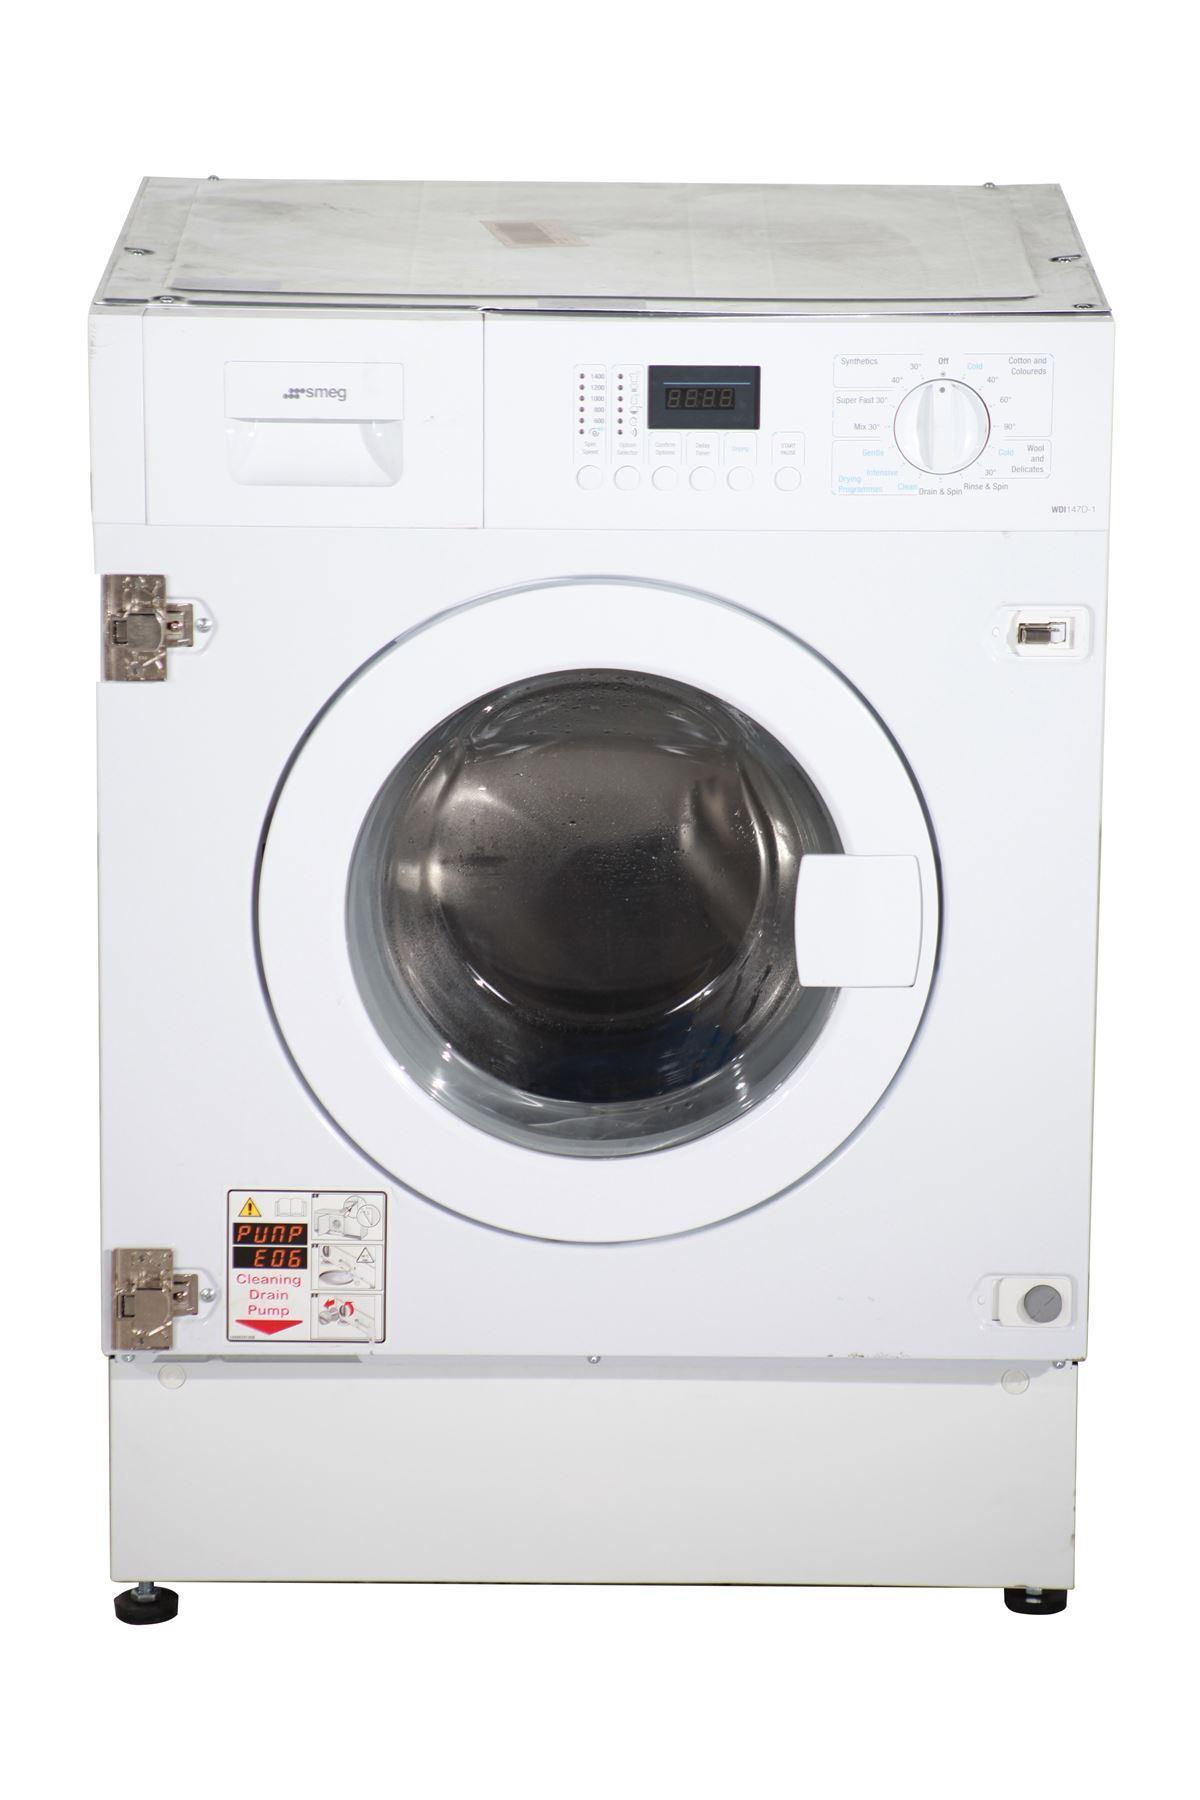 smeg integrated 7 4kg washer dryer wdi147d 1 white online store. Black Bedroom Furniture Sets. Home Design Ideas